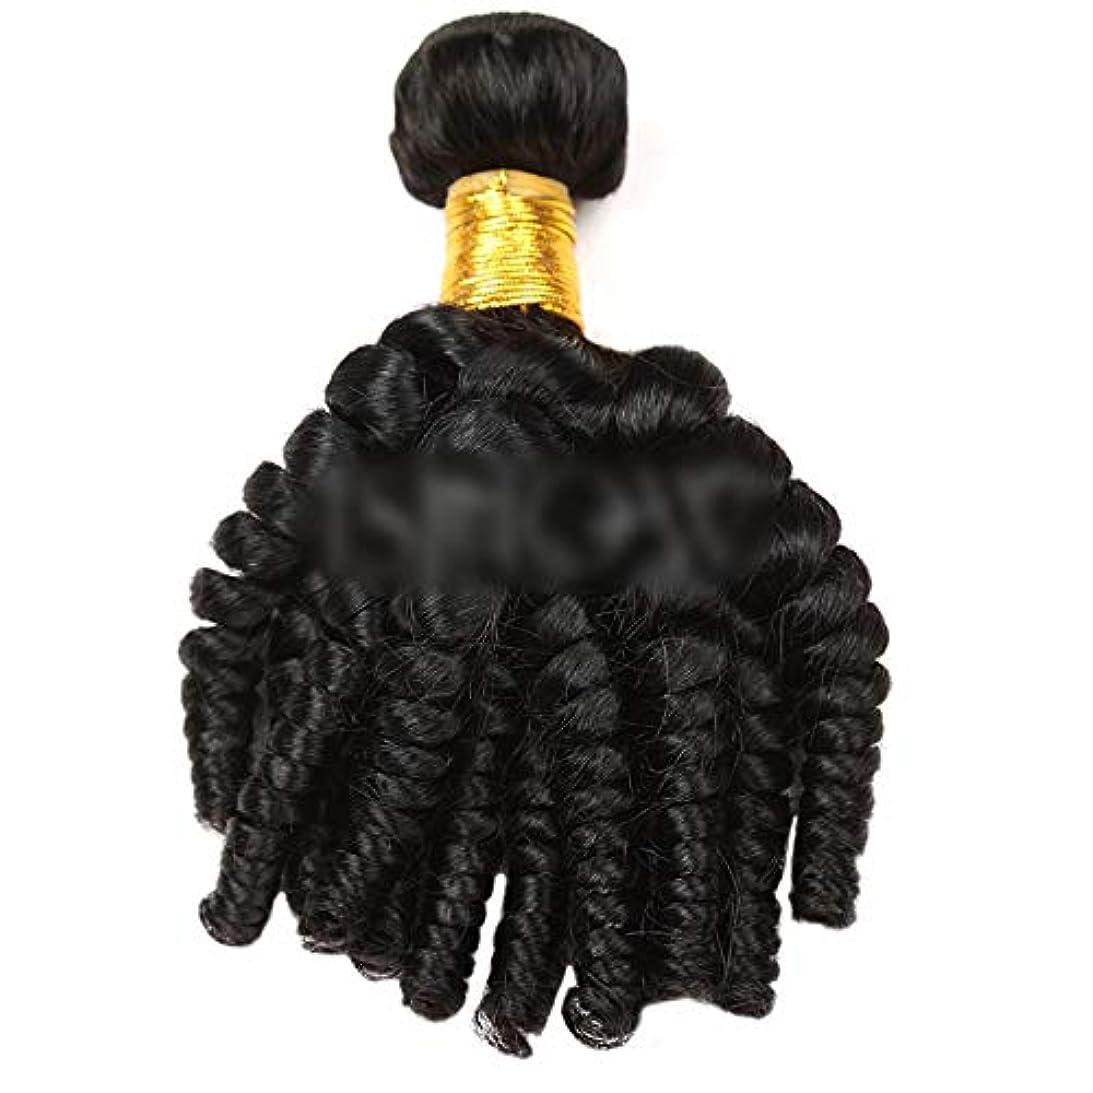 クラッチ発動機離れてWASAIO カーリー人間の髪バンドルリアルブラック拡張閉鎖体1つのバンドルにブラジルウィーブ (色 : 黒, サイズ : 26 inch)